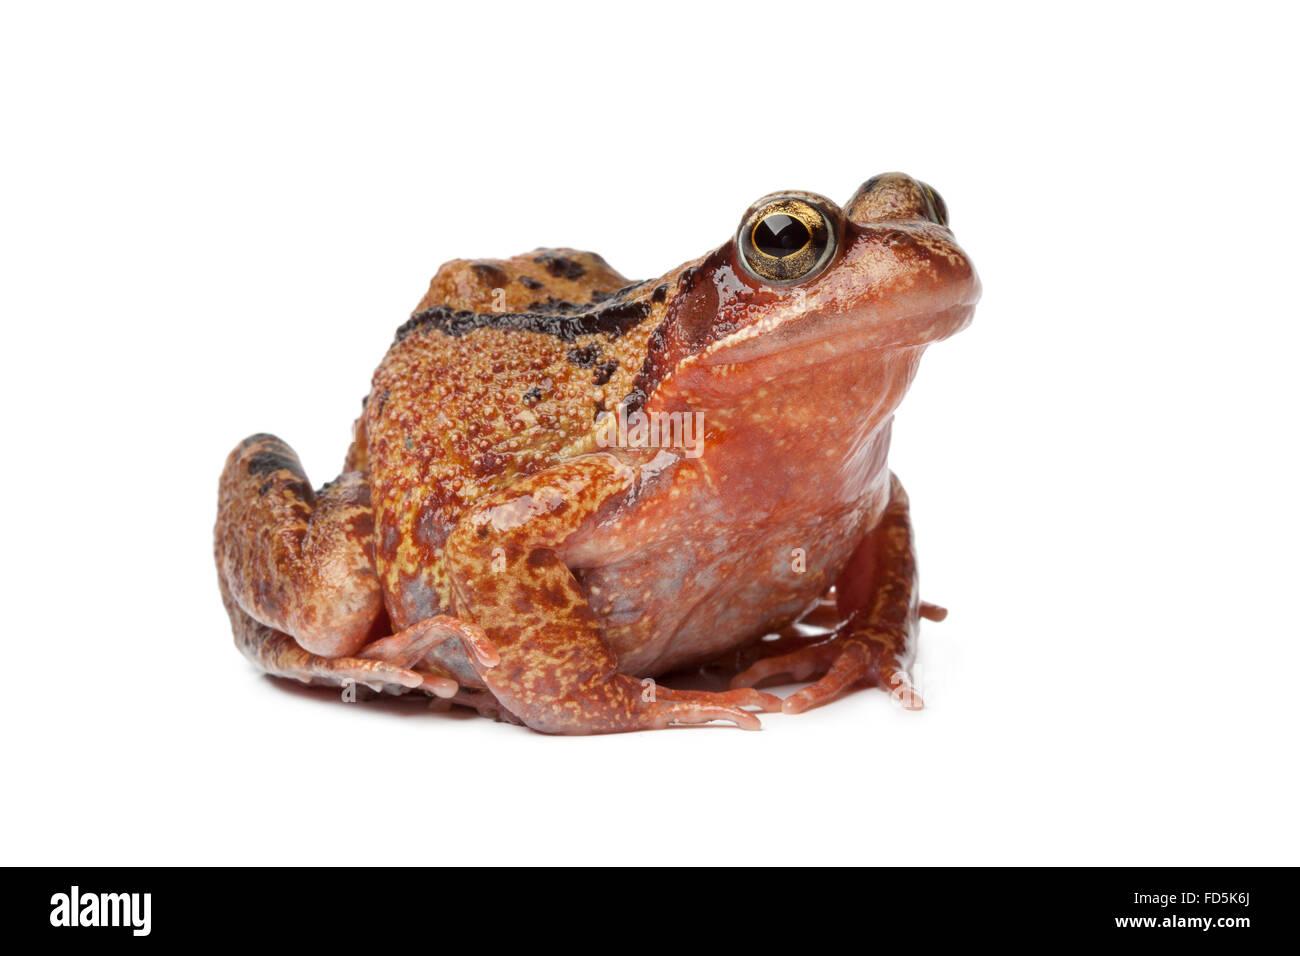 Einzelne brauner Frosch auf weißem Hintergrund Stockbild